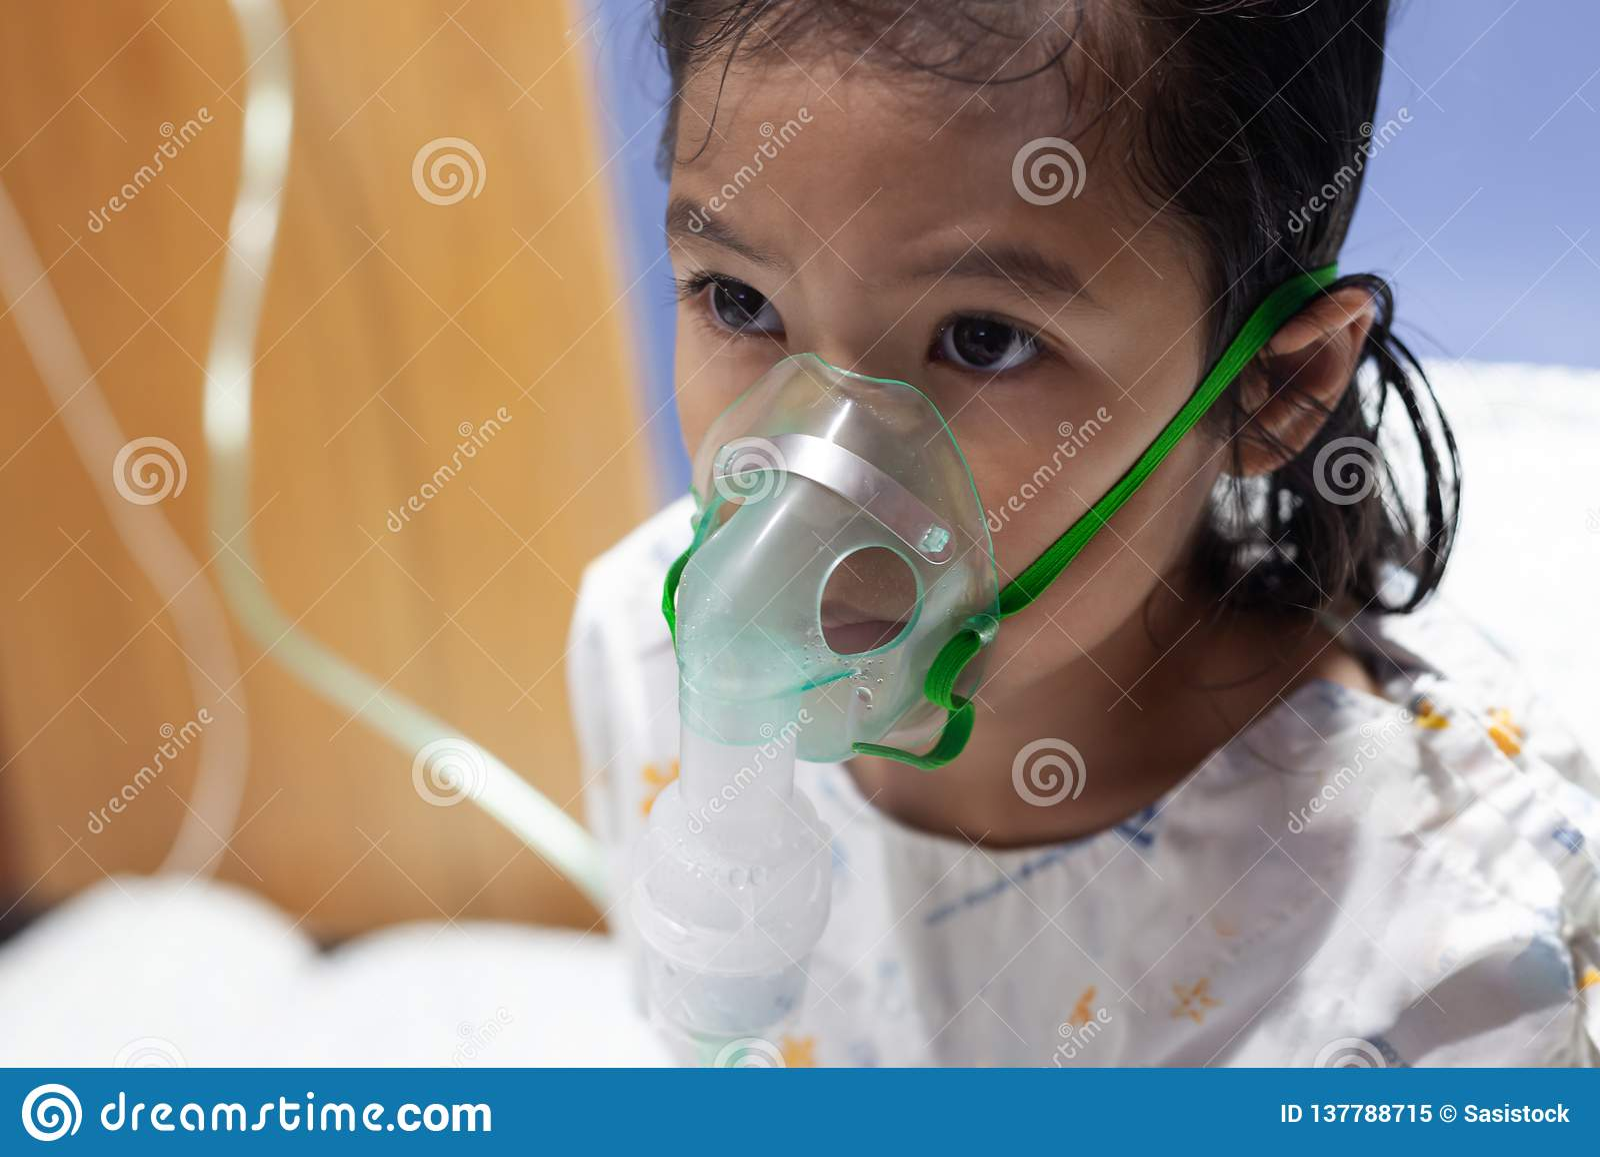 Den asiatiska flickan har astma, eller lunginflammationsjukdom- och behovsnebulizationen får förbi inhalatormaskeringen på hennes